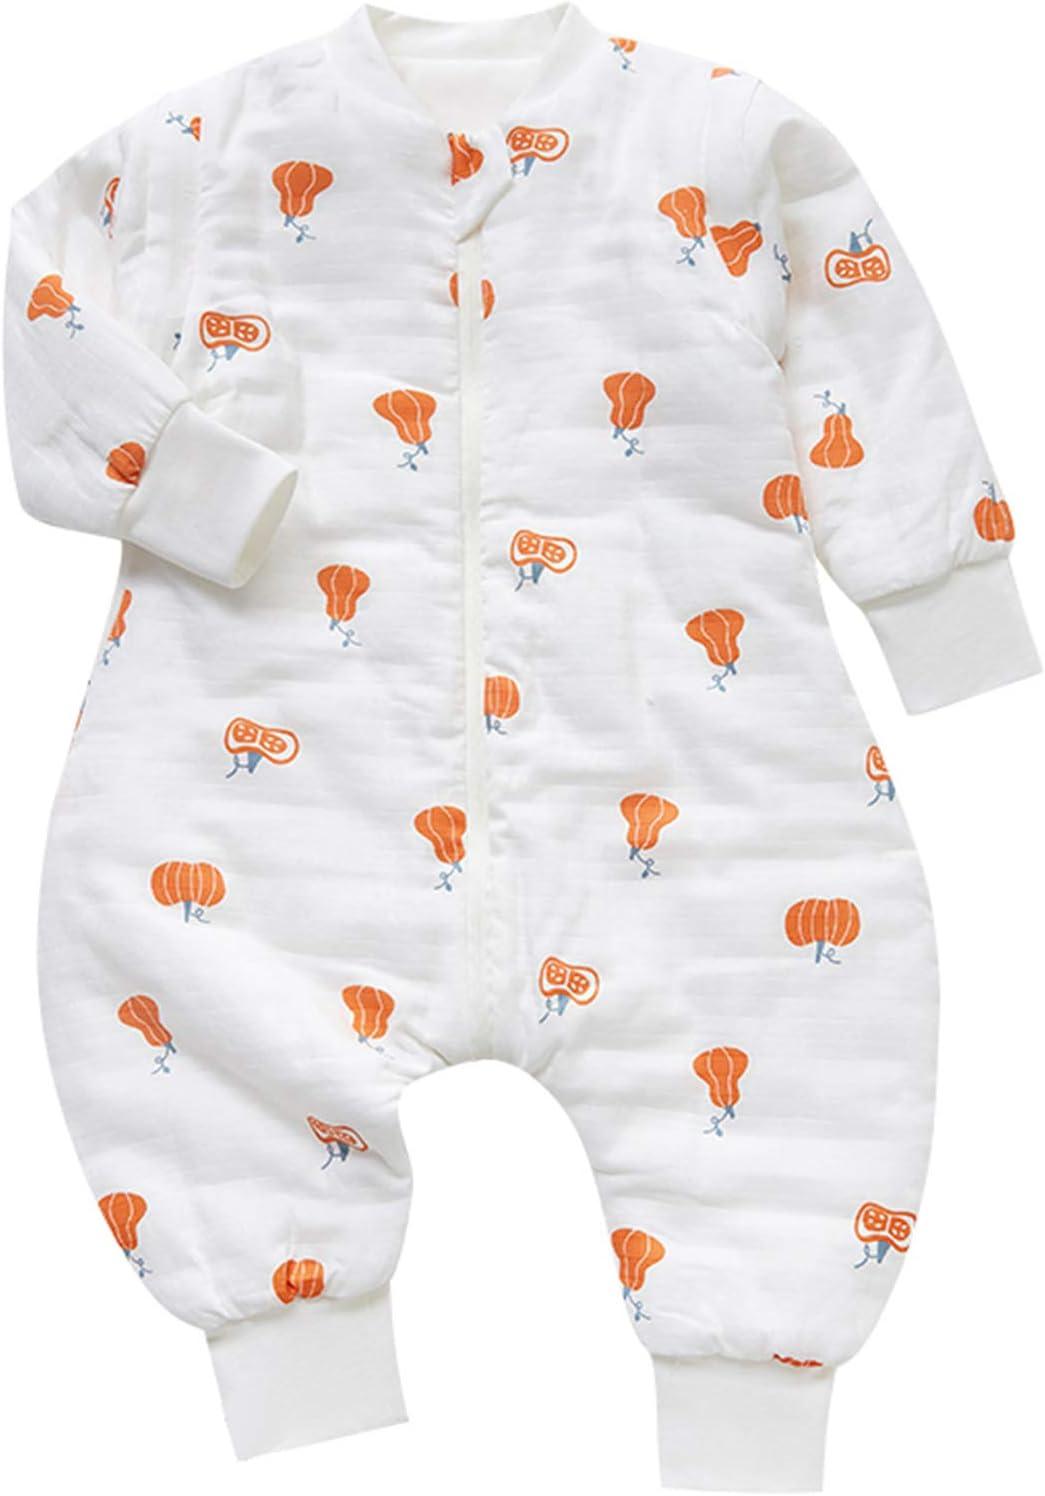 80//Hauteur B/éb/é 65-75cm Chilsuessy Grenouill/ère B/éb/é Gigoteuse avec Jambes Fille Gar/çon Combinaison Tog 2.5 Hiver Coton Pyjama Unisexe,manches d/étachables Orange